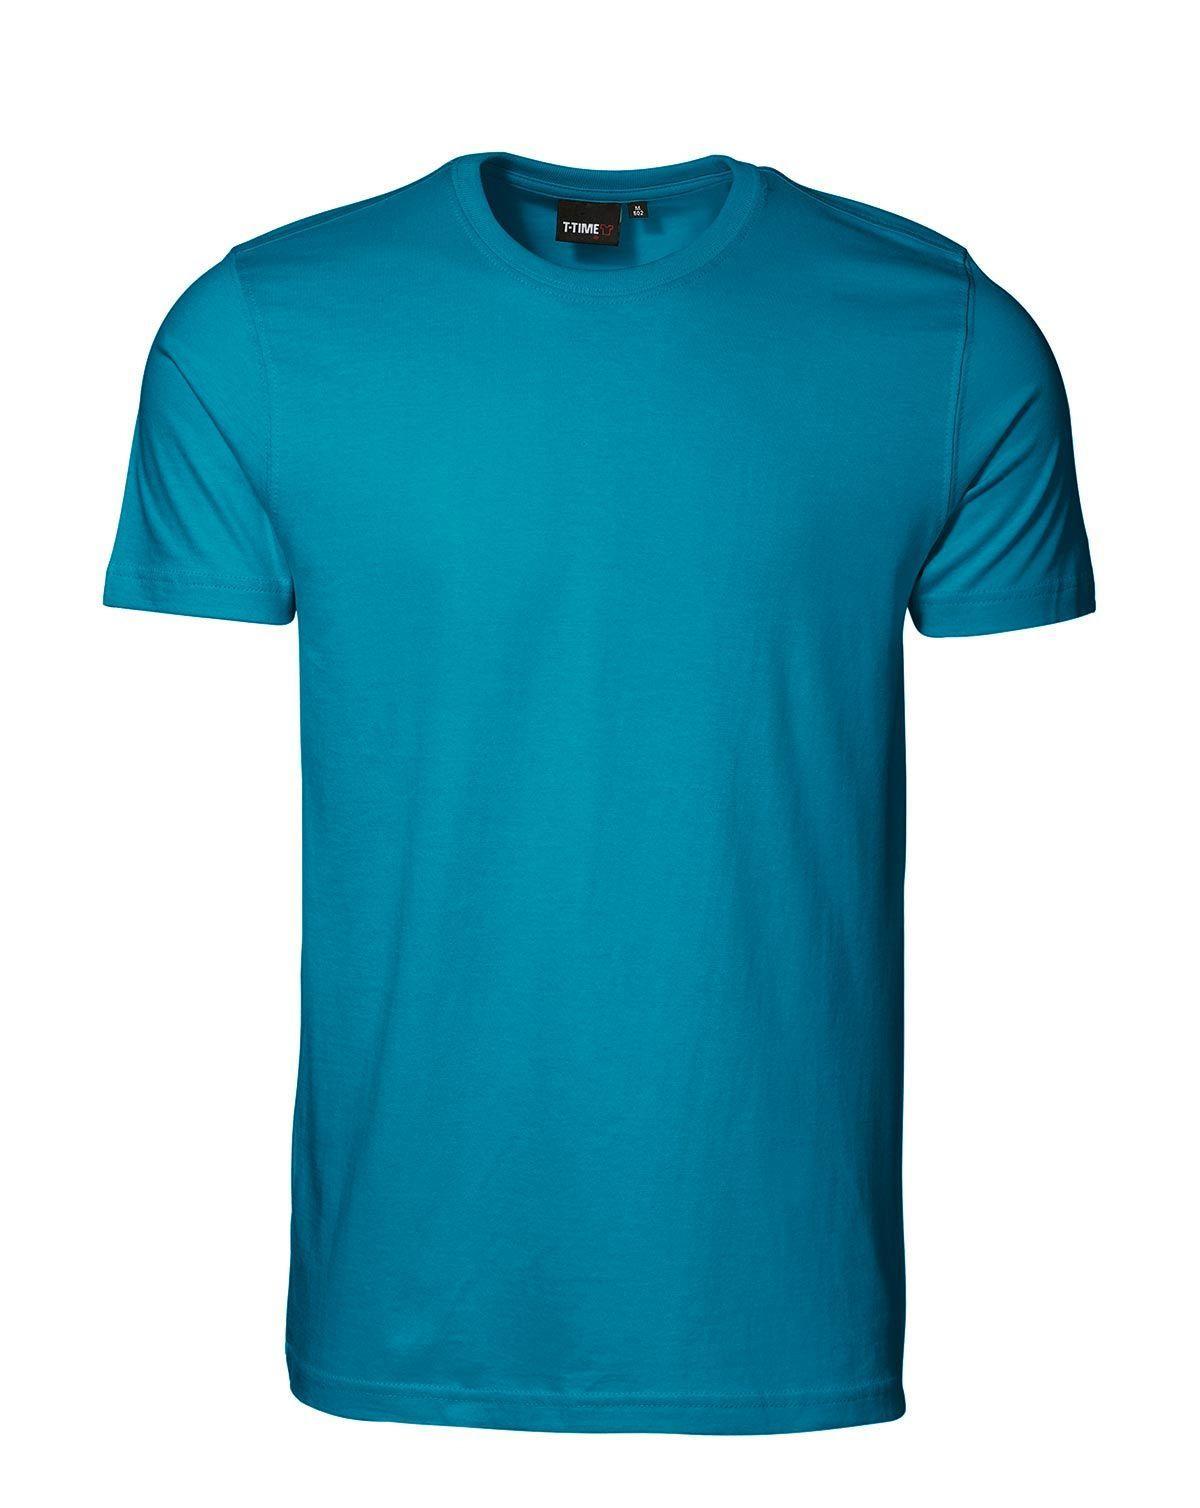 ID T-TIME T-shirt, Tight (Turkis, 3XL)